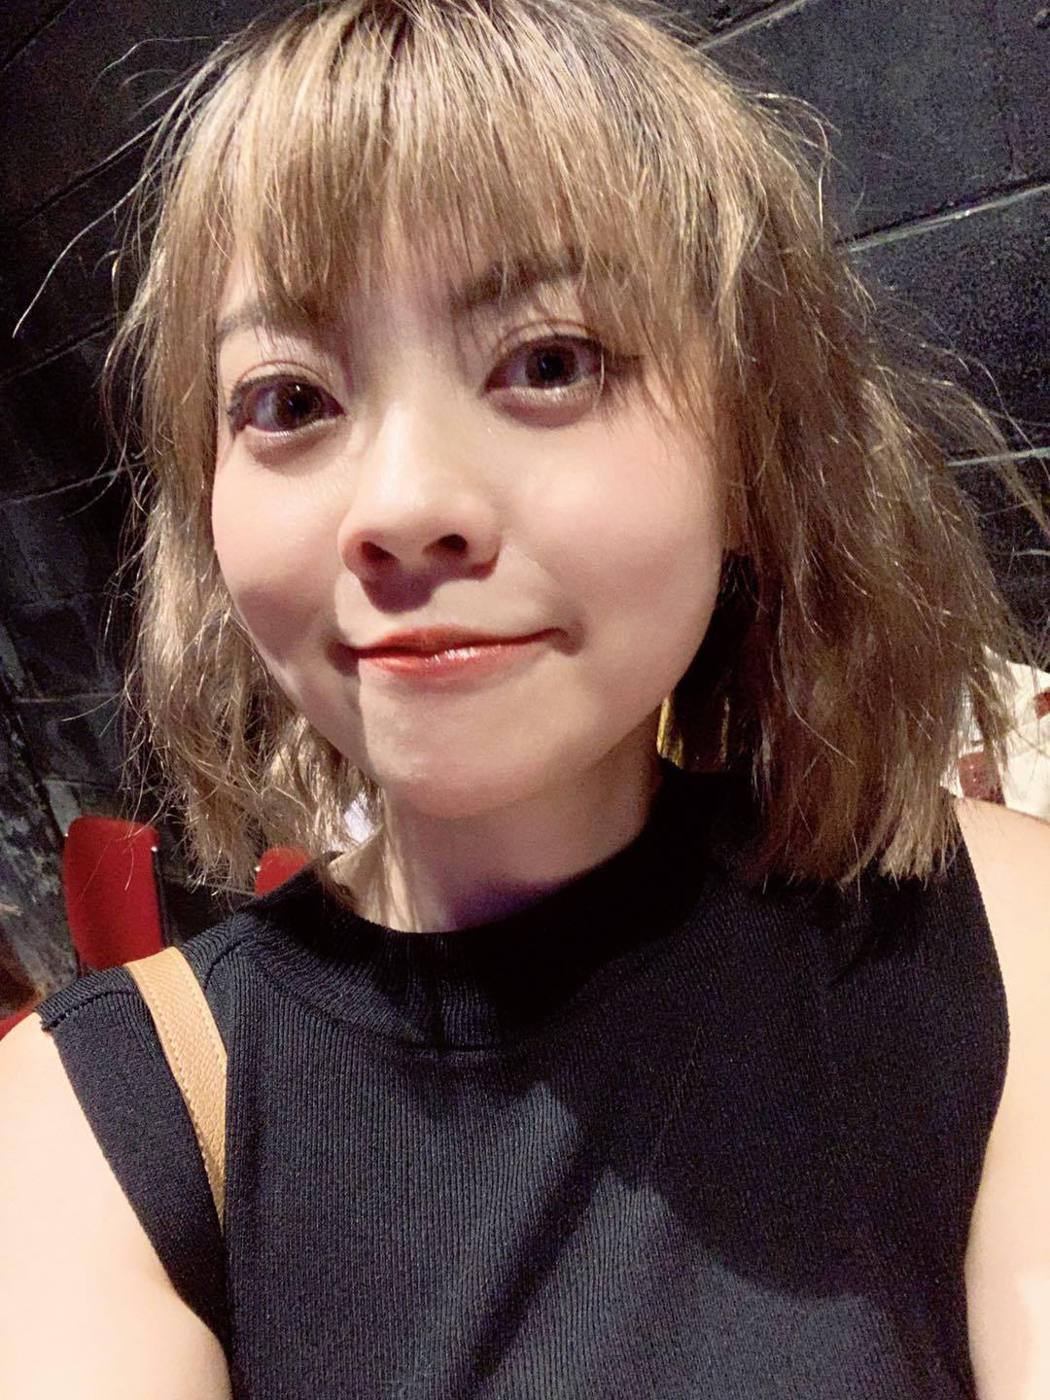 龍龍今日出席舞台劇記者會回應外界問題。圖/摘自臉書